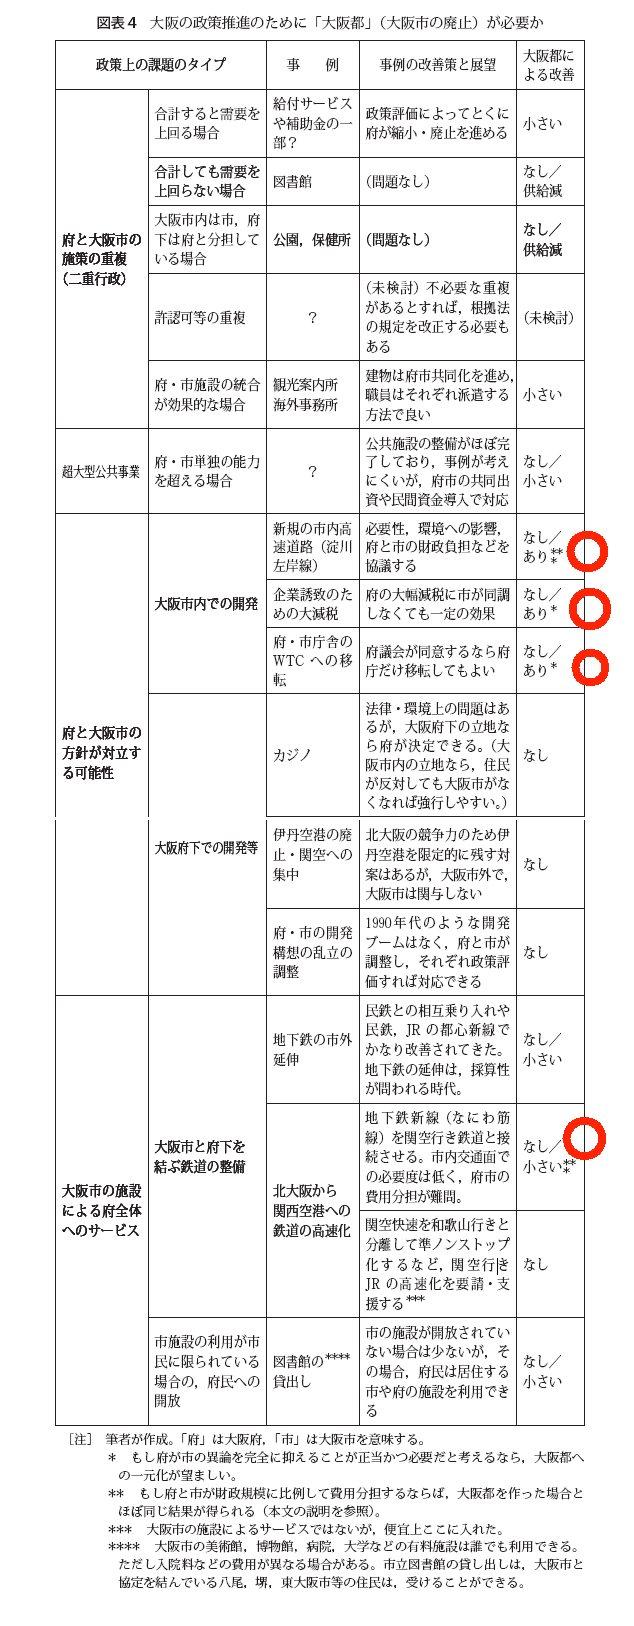 政策推進のために大阪都が必要か.jpg